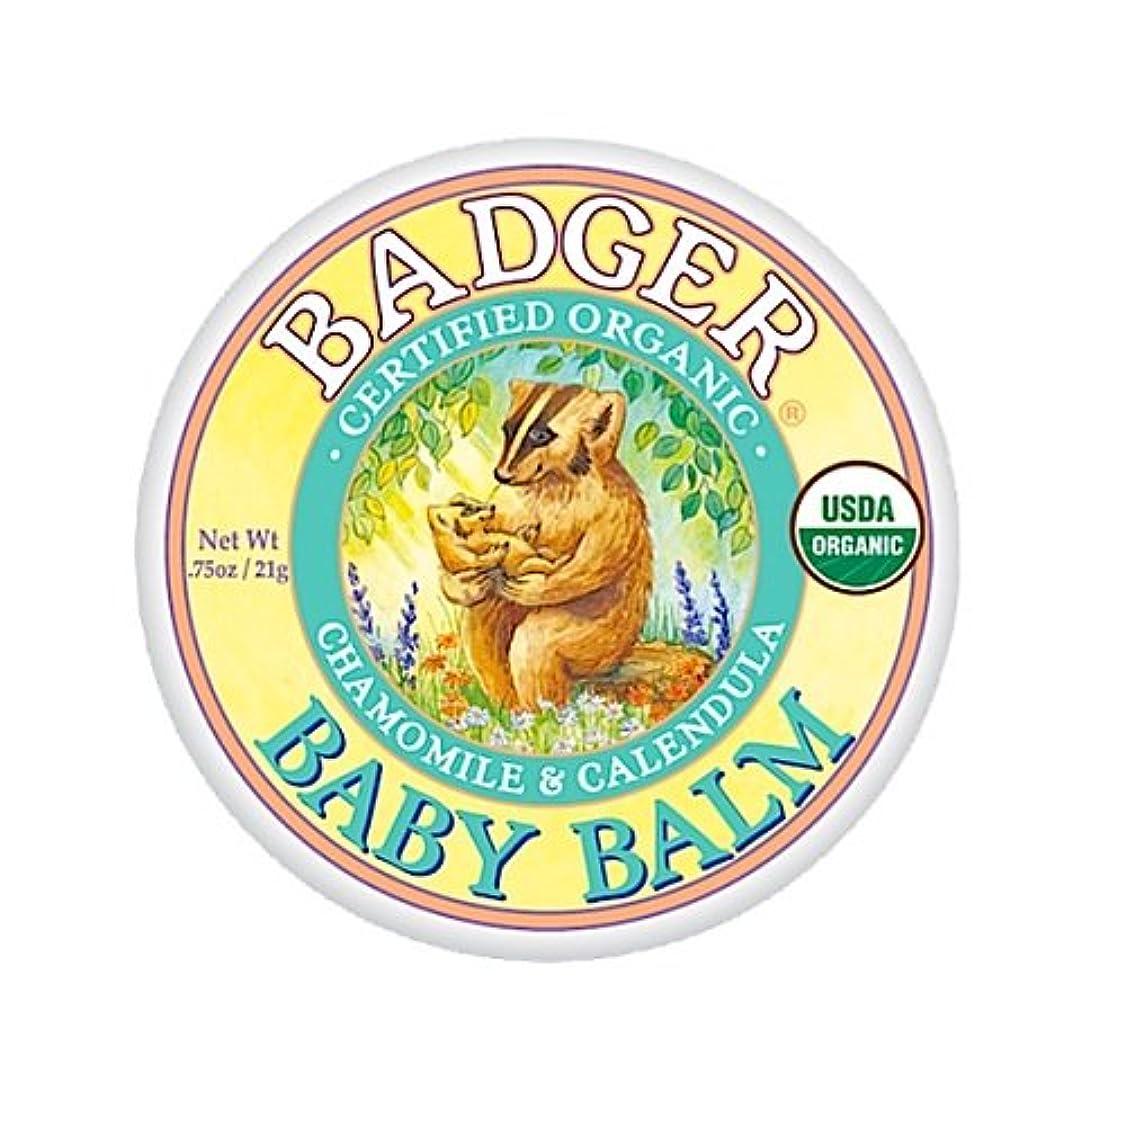 最後の川鼓舞するBadger バジャー オーガニックベビークリーム カモミール & カレンドラ 21g【海外直送品】【並行輸入品】